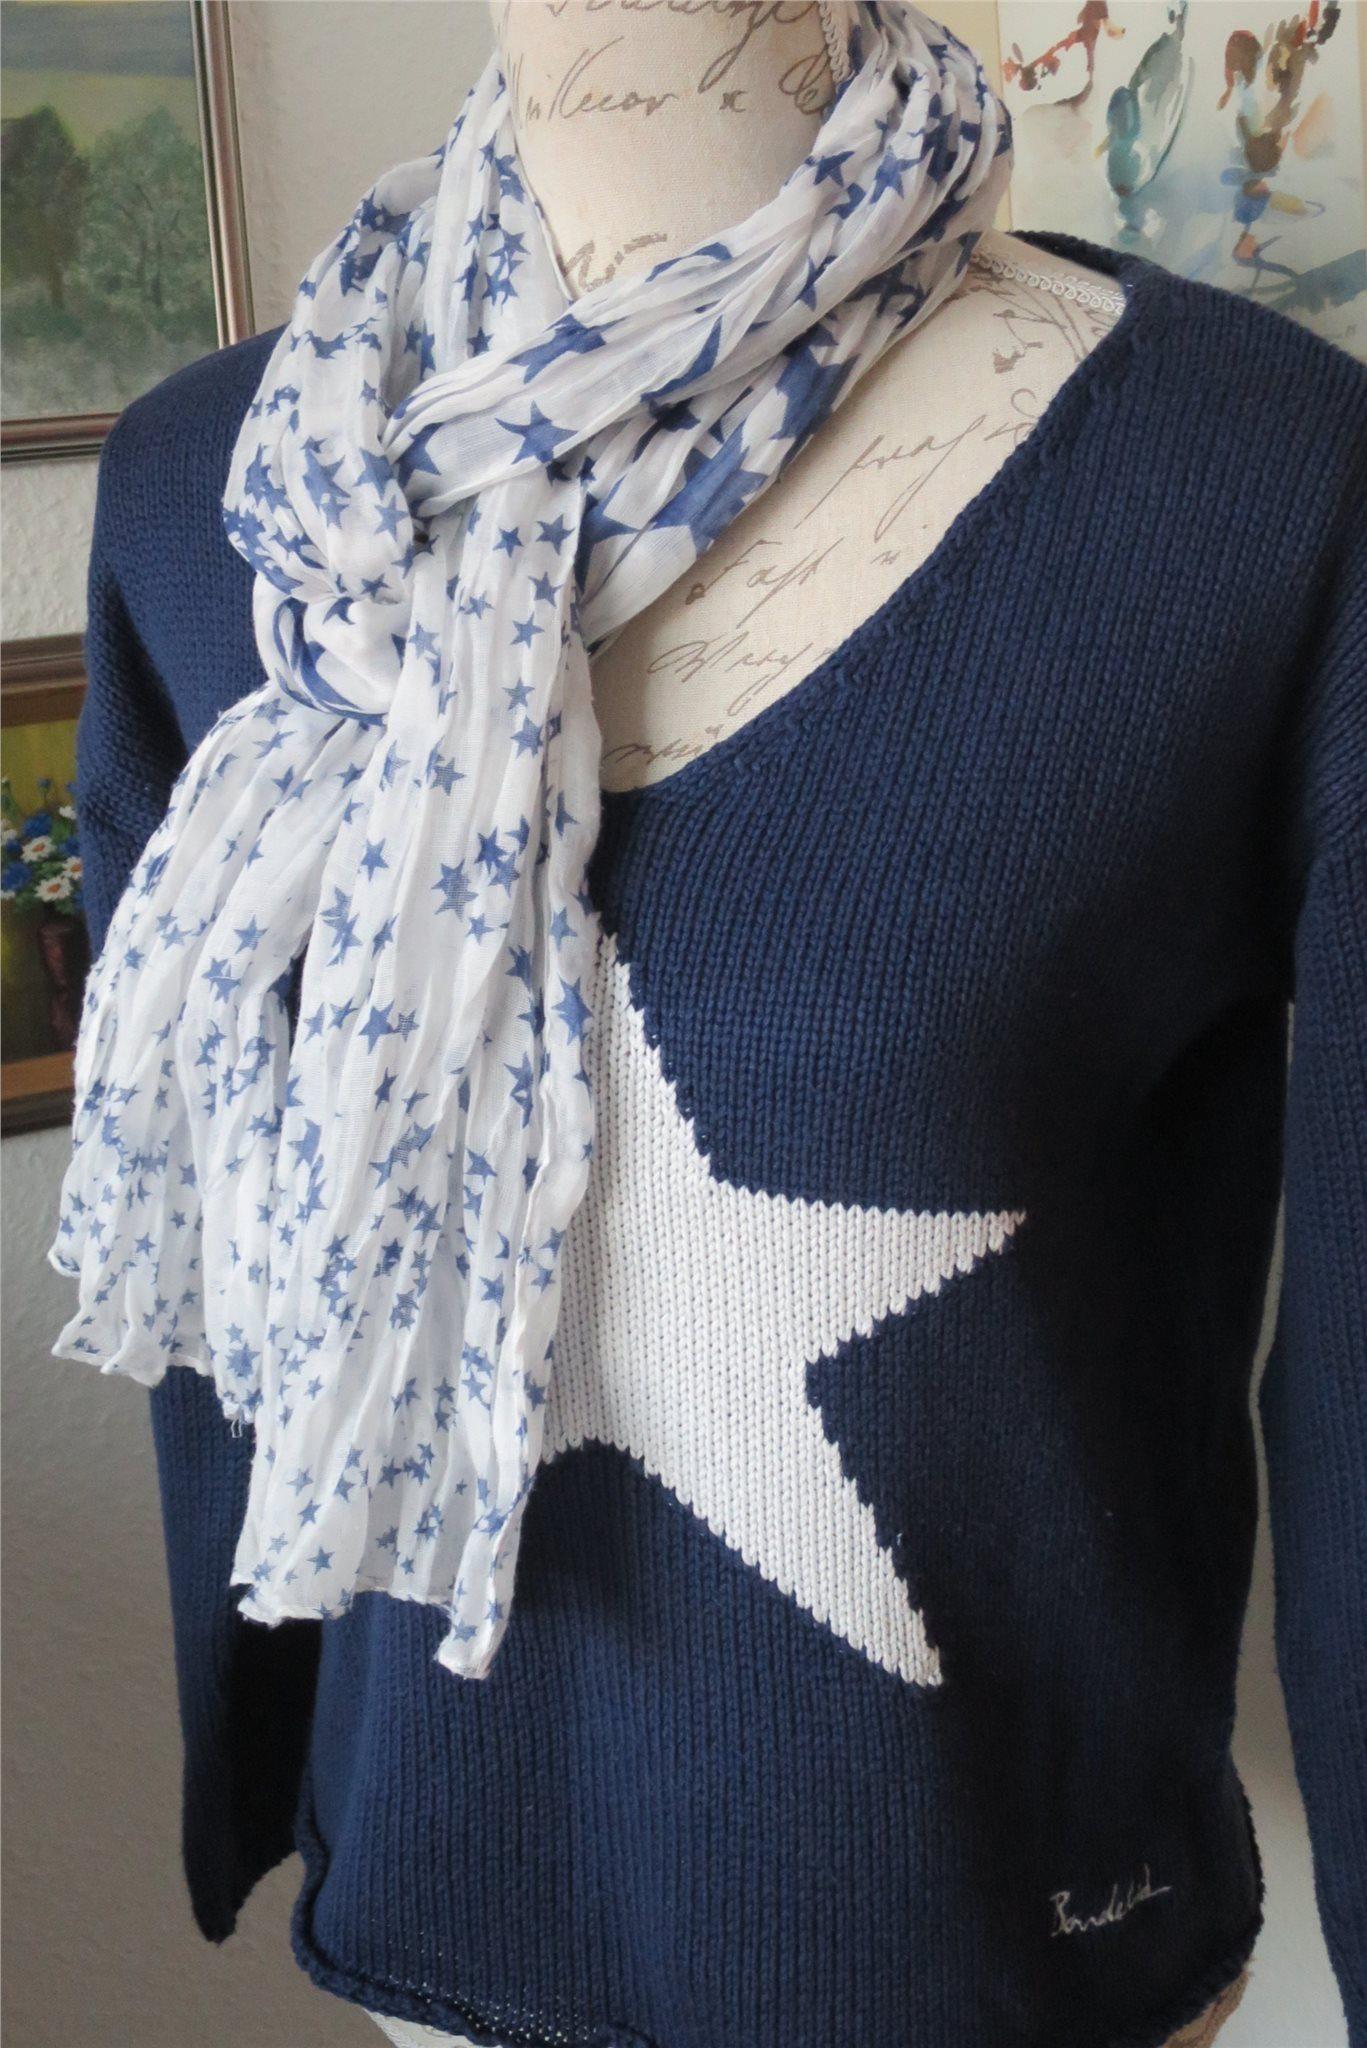 Bondelid blå tröja med vit stjärna + vacker vit.. (341006503) ᐈ Köp ... b1c7b8a3d91f5